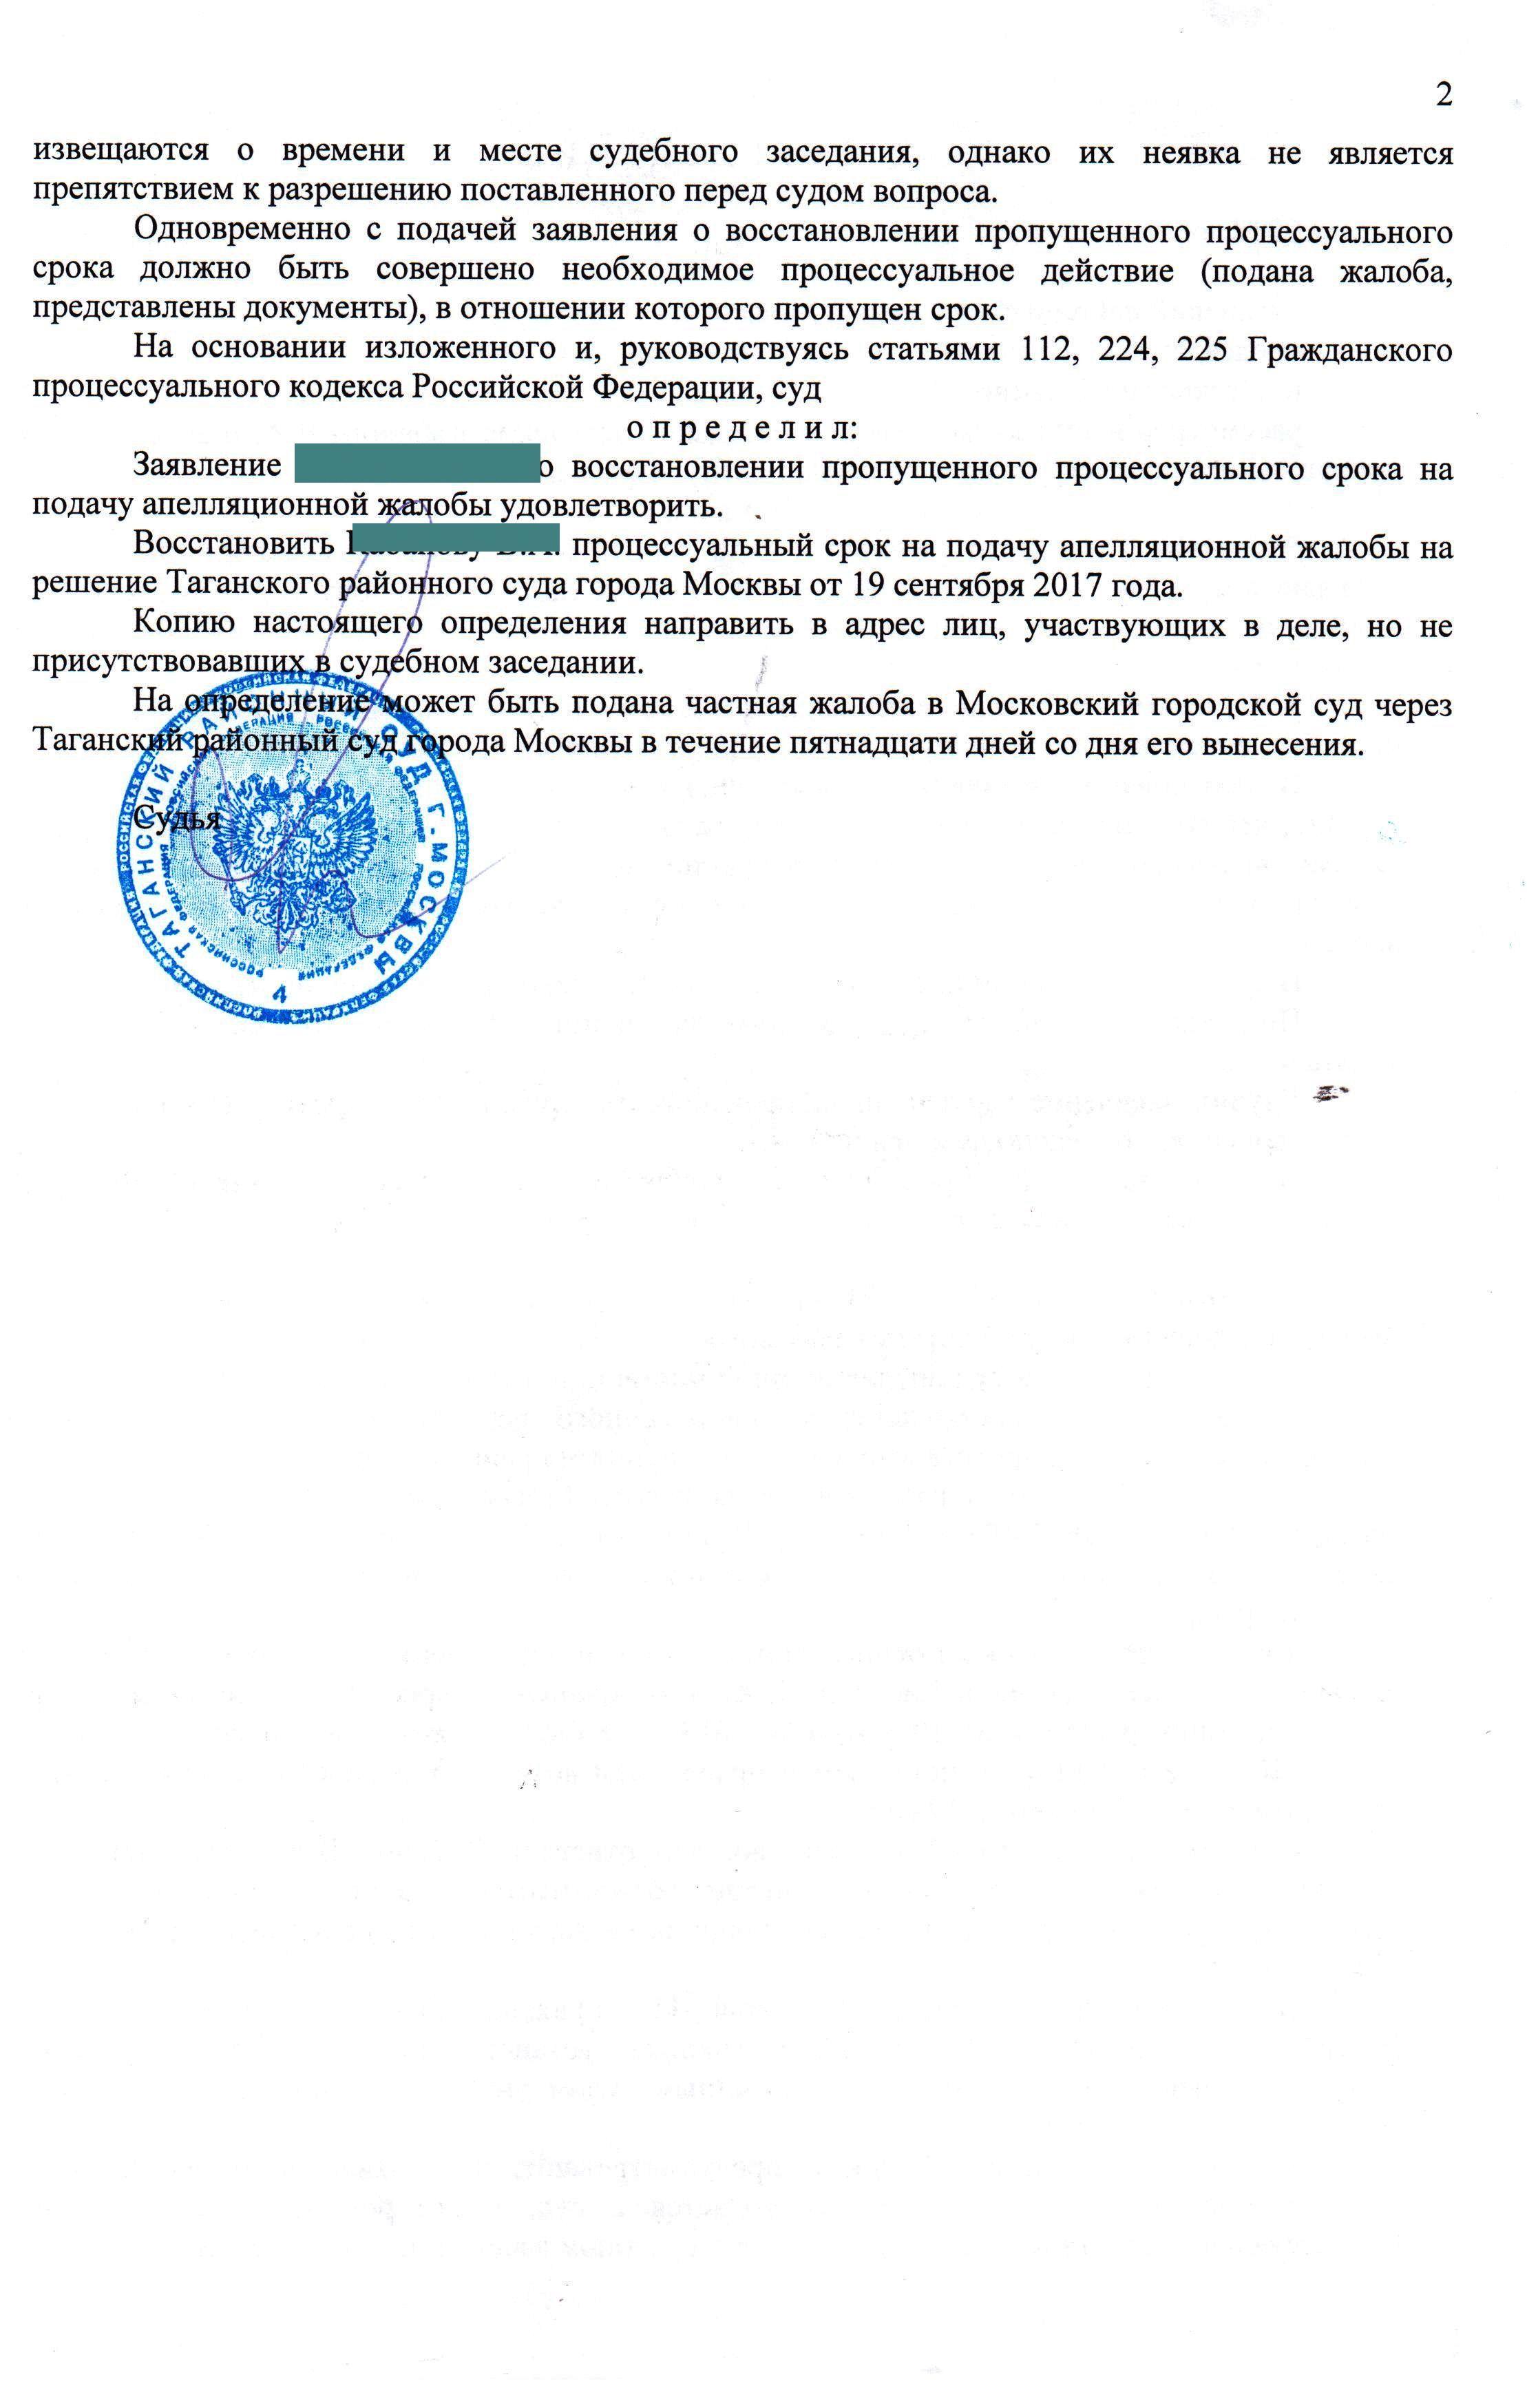 Представительство в суде г. Москвы интересов жителя Республики Крым